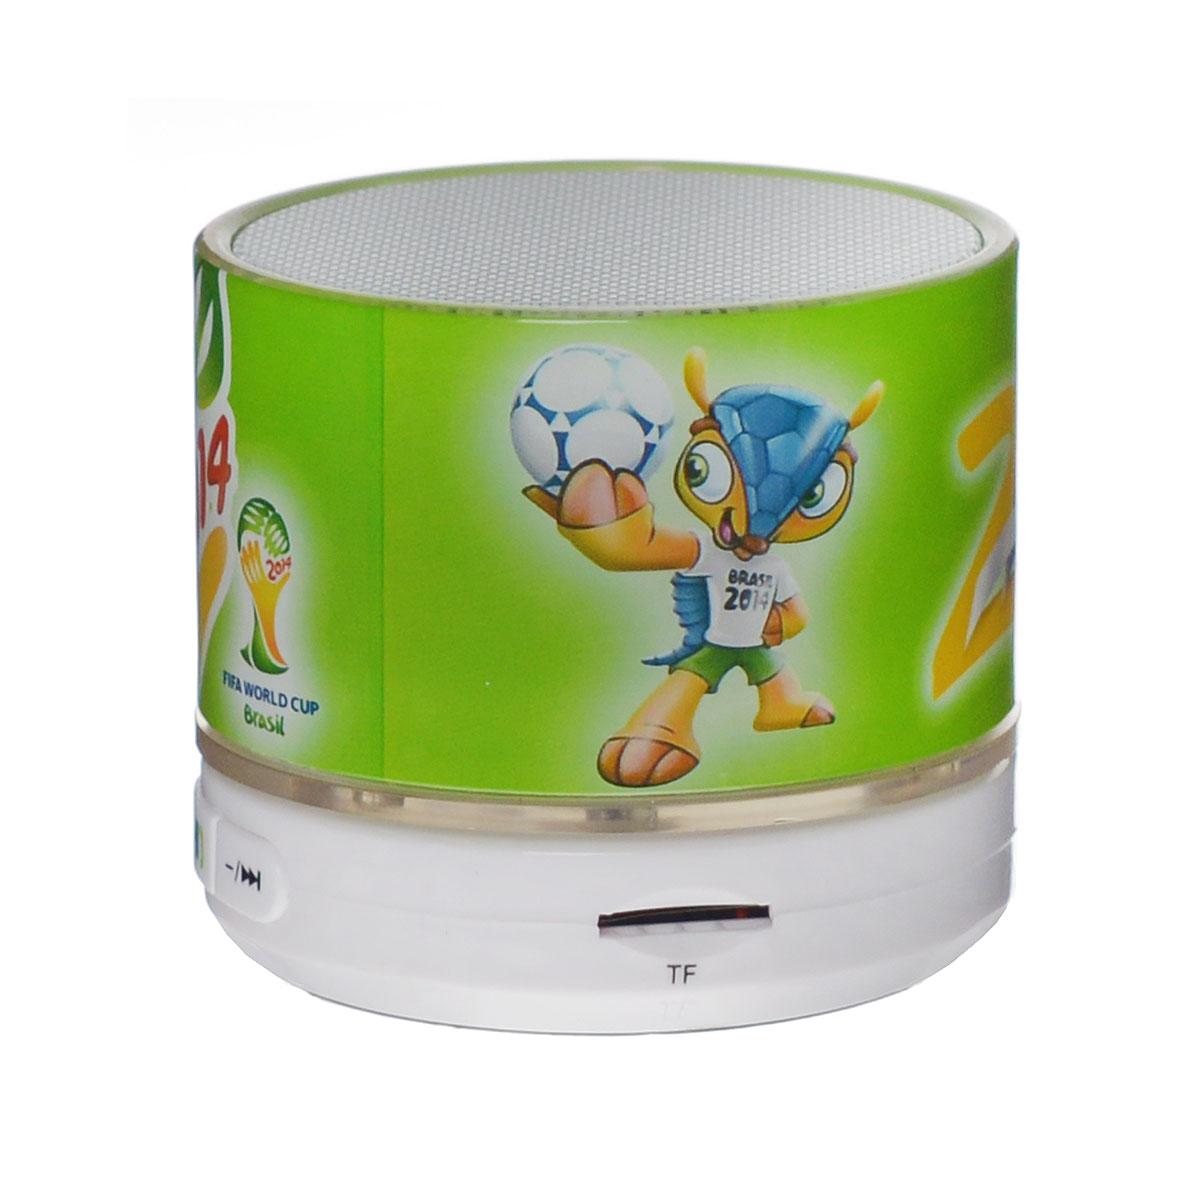 Liberty Project Brazil 2014 беспроводная колонкаR0002656Liberty Project Brazil 2014 - это компактная портативная акустическая система, совместимая с большинством аудио устройств. Небольшие размеры и встроенный аккумулятор дают возможность использовать колонки в мобильном режиме, в любом месте, где нет электричества. Скромный с виду динамик обеспечивает вполне серьезную громкость и с легкостью озвучивают небольшое помещение или место пикника, отдыха. Для подключения можно использовать стандартный аудиоразъем 3.5 мм. Liberty Project Brazil 2014 - прекрасное решение для всех, кто хочет слушать любимую музыку в компании и не зависеть от розетки. Кроме того, у данной модели акустики есть возможность воспроизводить аудиофайлы непосредственно с карты памяти или обычной USB-флешки.